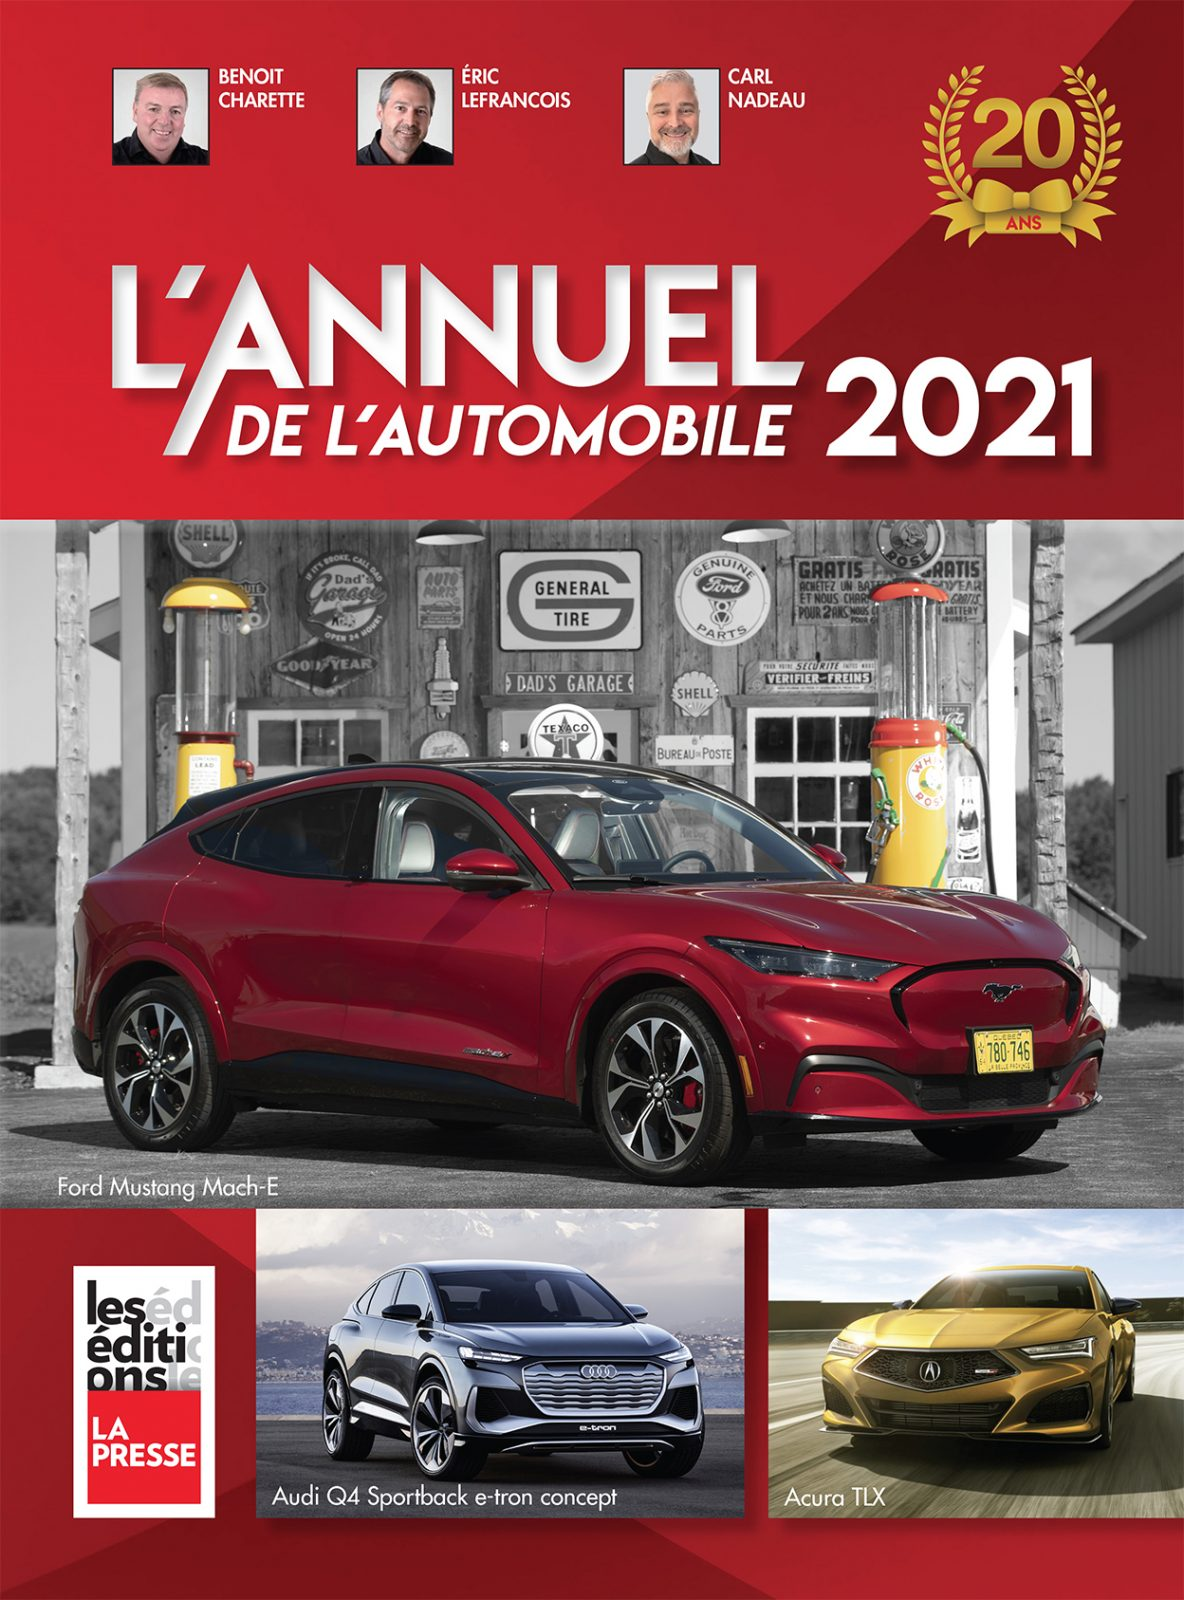 L'Annuel de l'Automobile 2021 – Bientôt en magasin